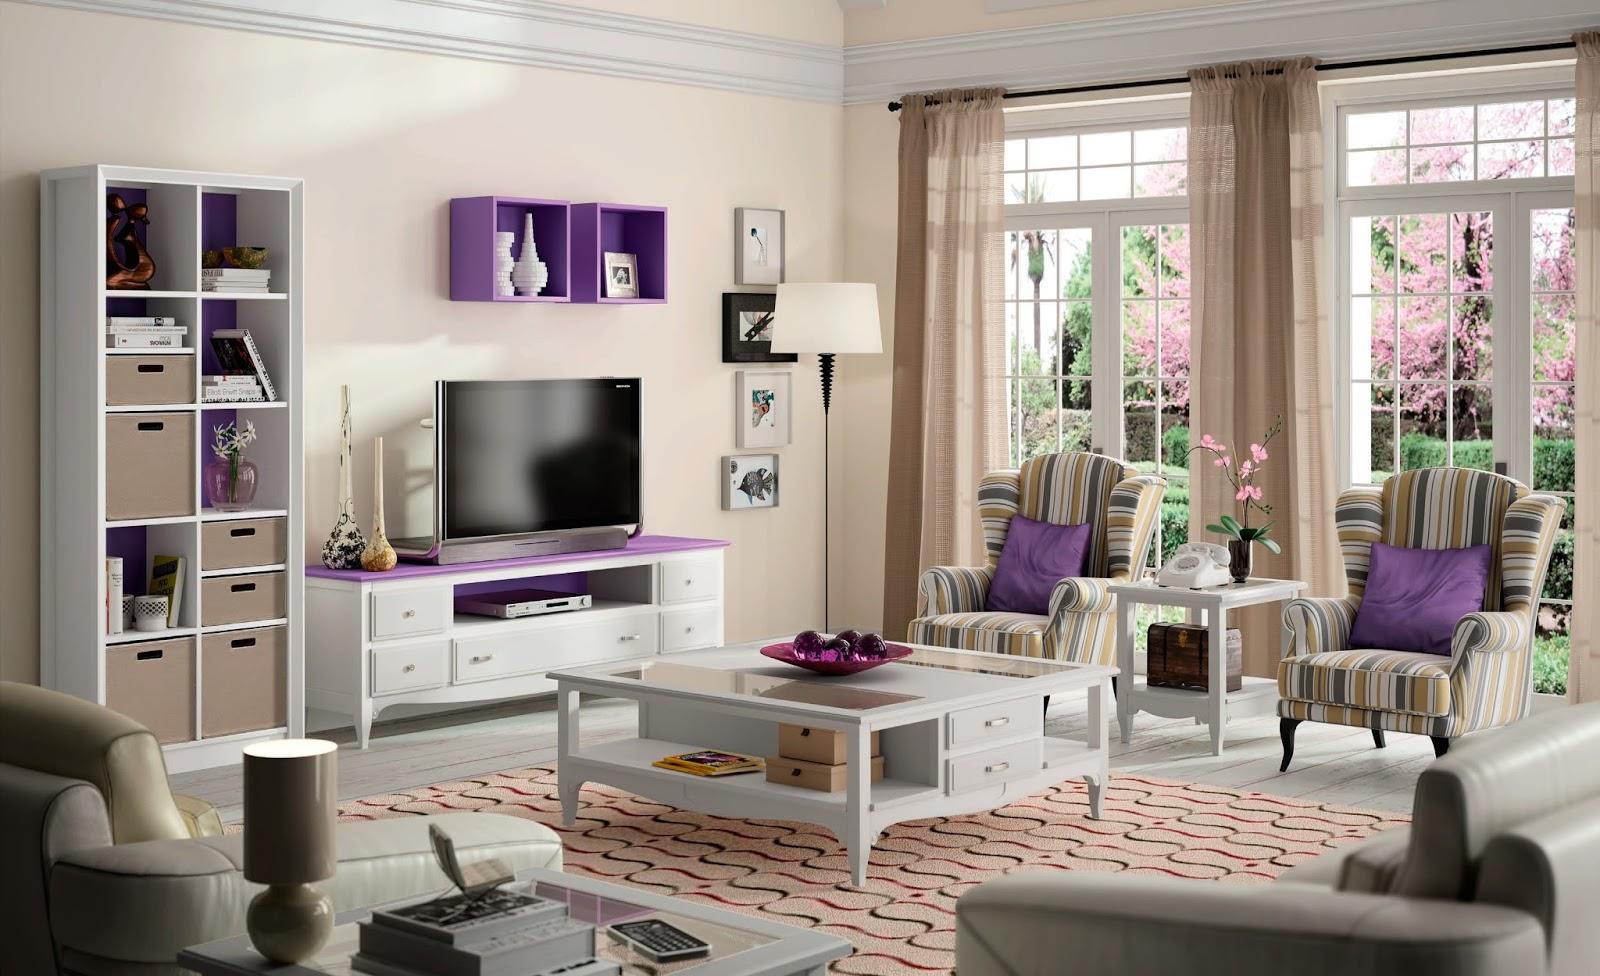 Muebles de sal n descubre la funcionalidad de los muebles for Muebles salon provenzal